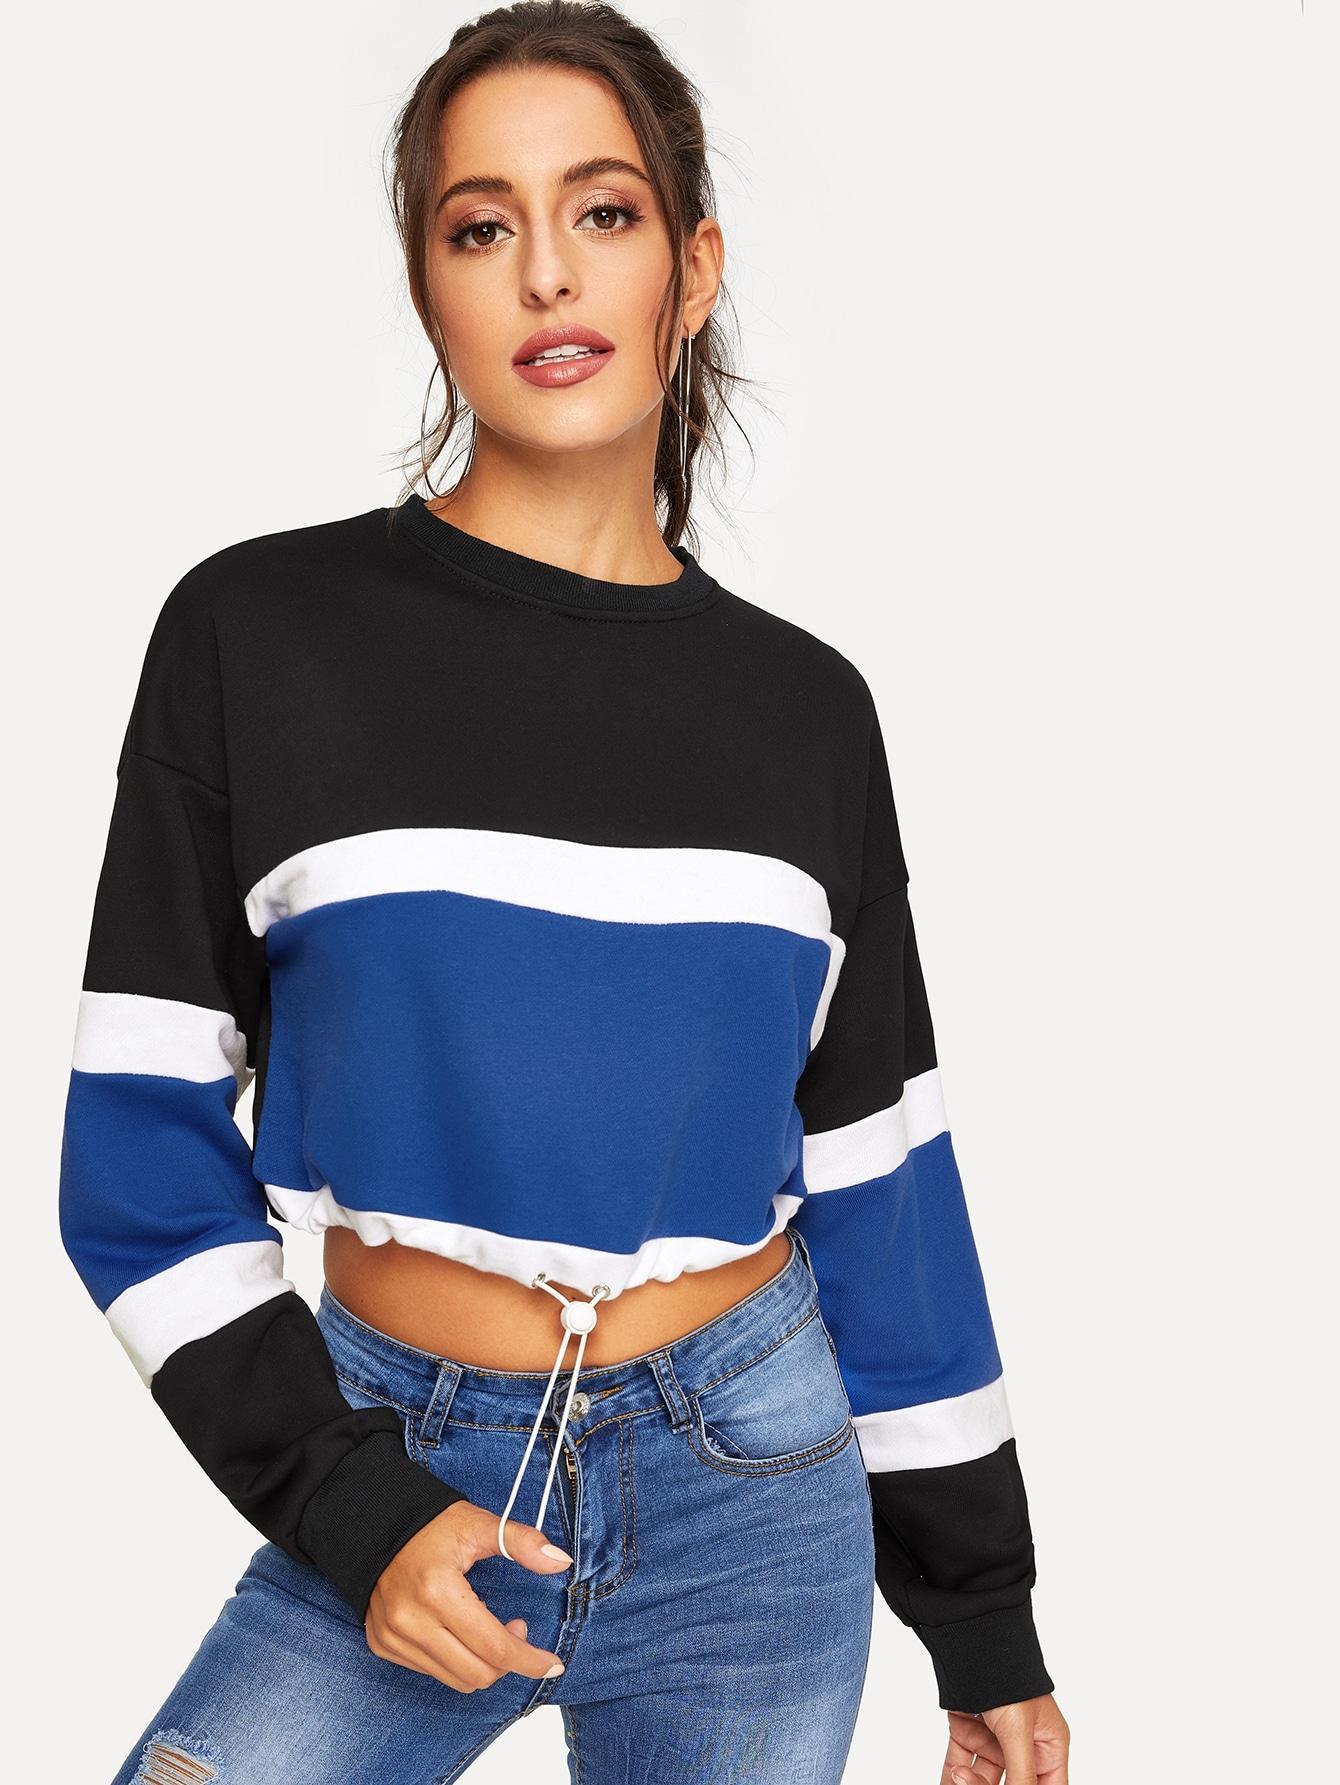 Джинсовые шорты  - Многоцветный цвет